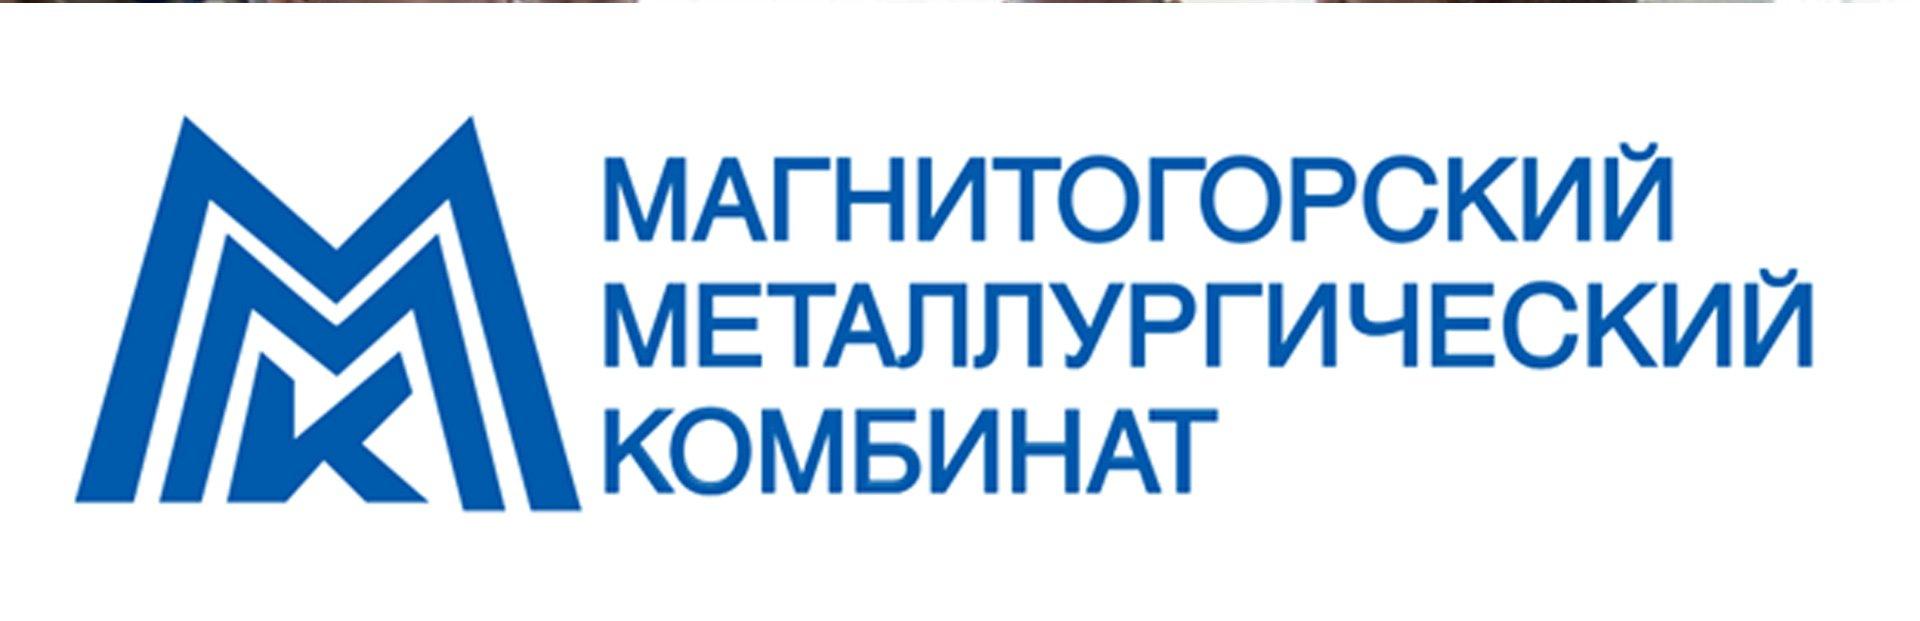 Управление капитального строительства ПАО «ММК»